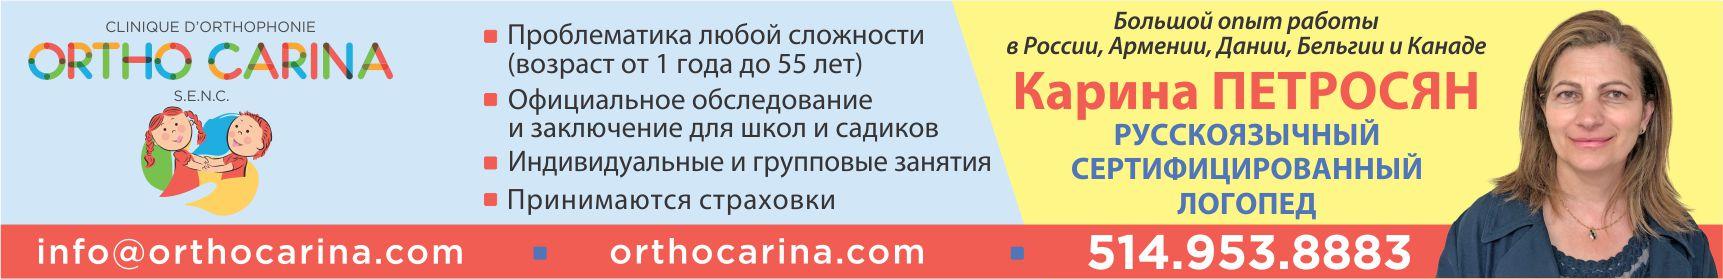 Русскоязычный  сертифицированный  логопед